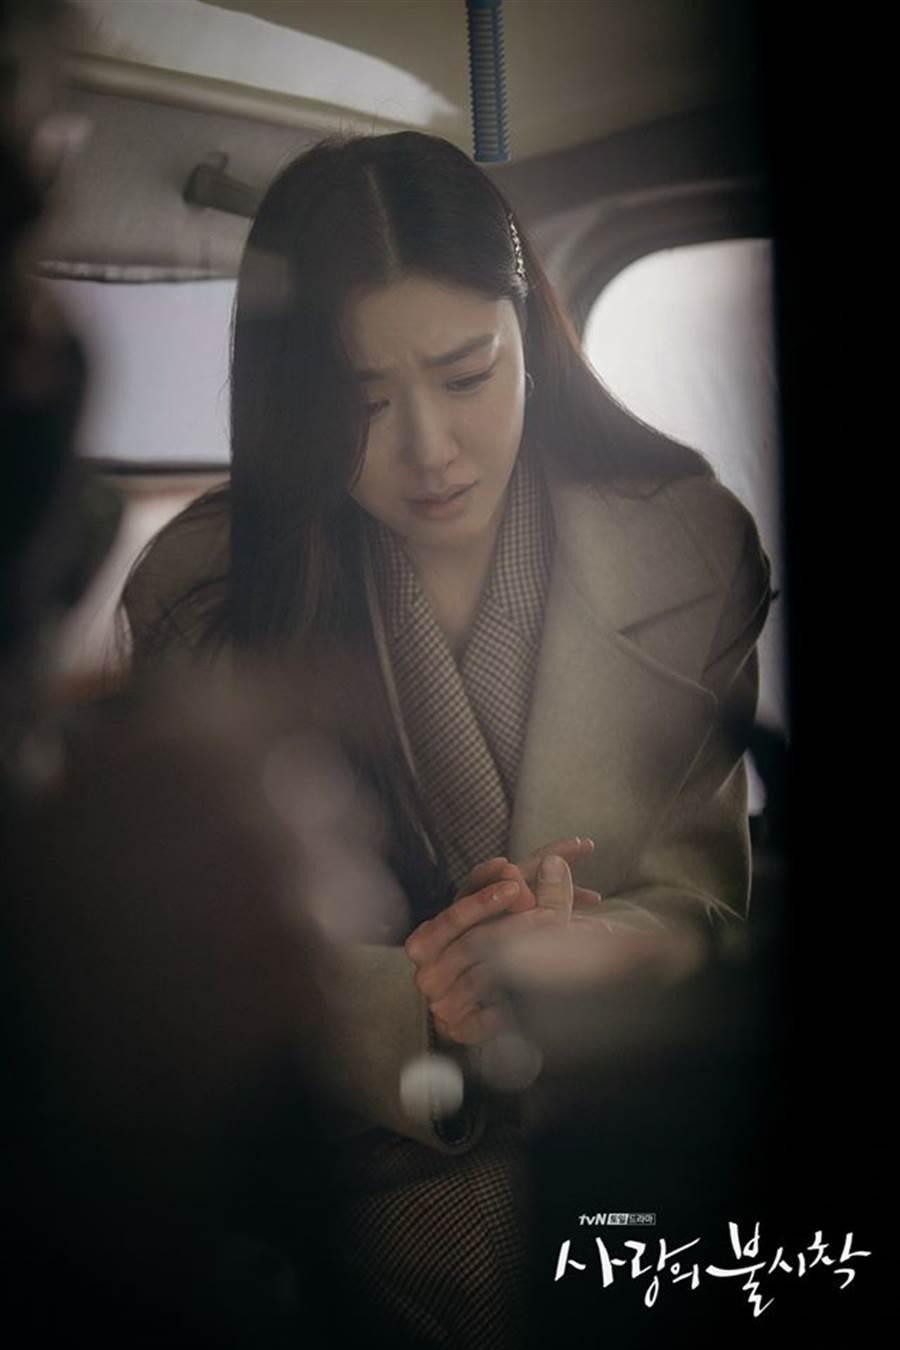 徐丹哭了緊握具承俊的手。(圖/翻攝自tvN)